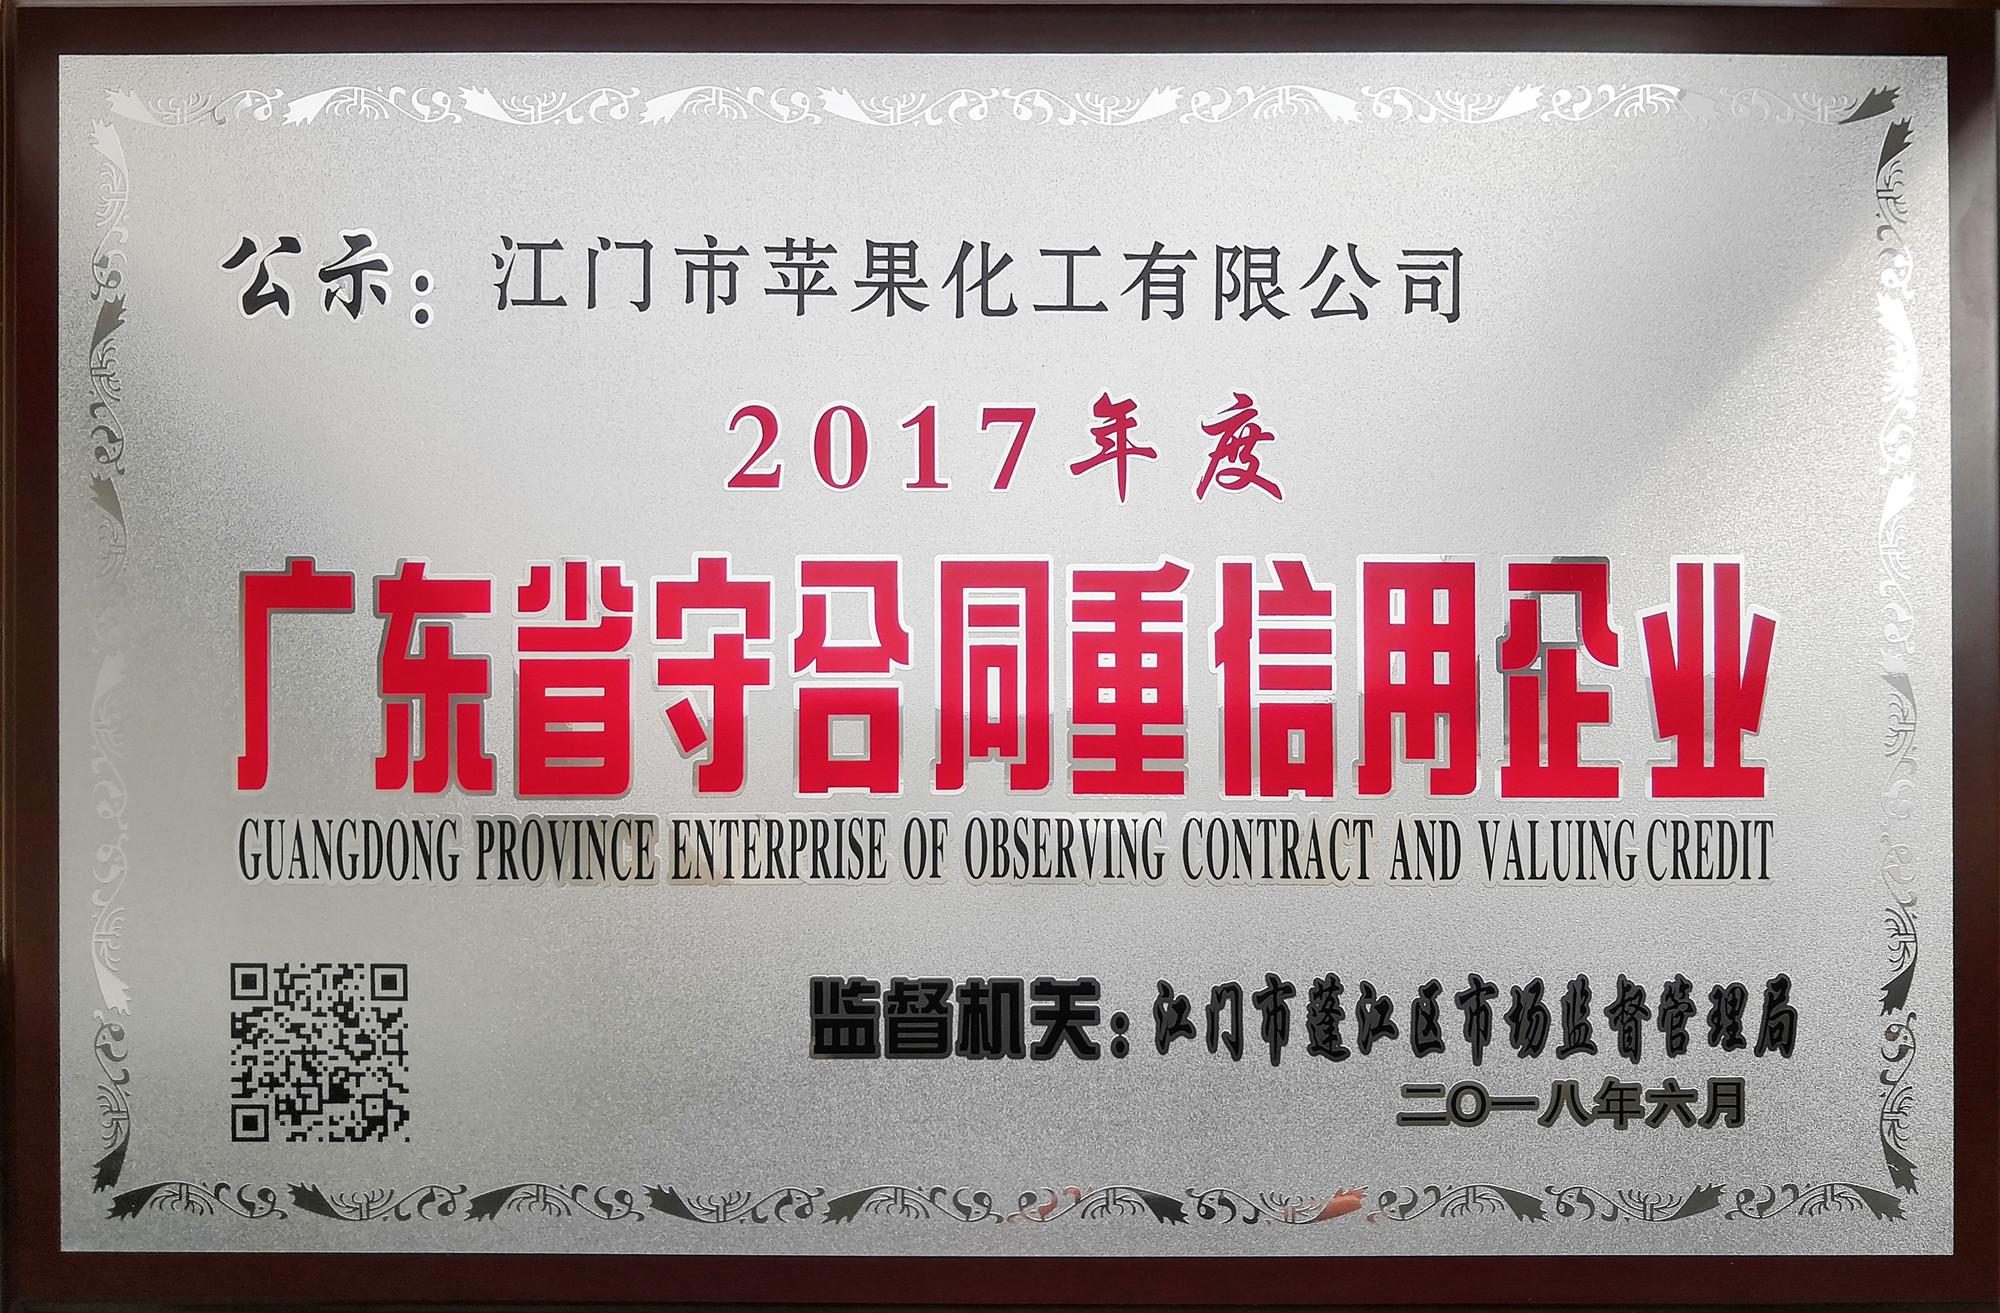 2017守合同重信用企业